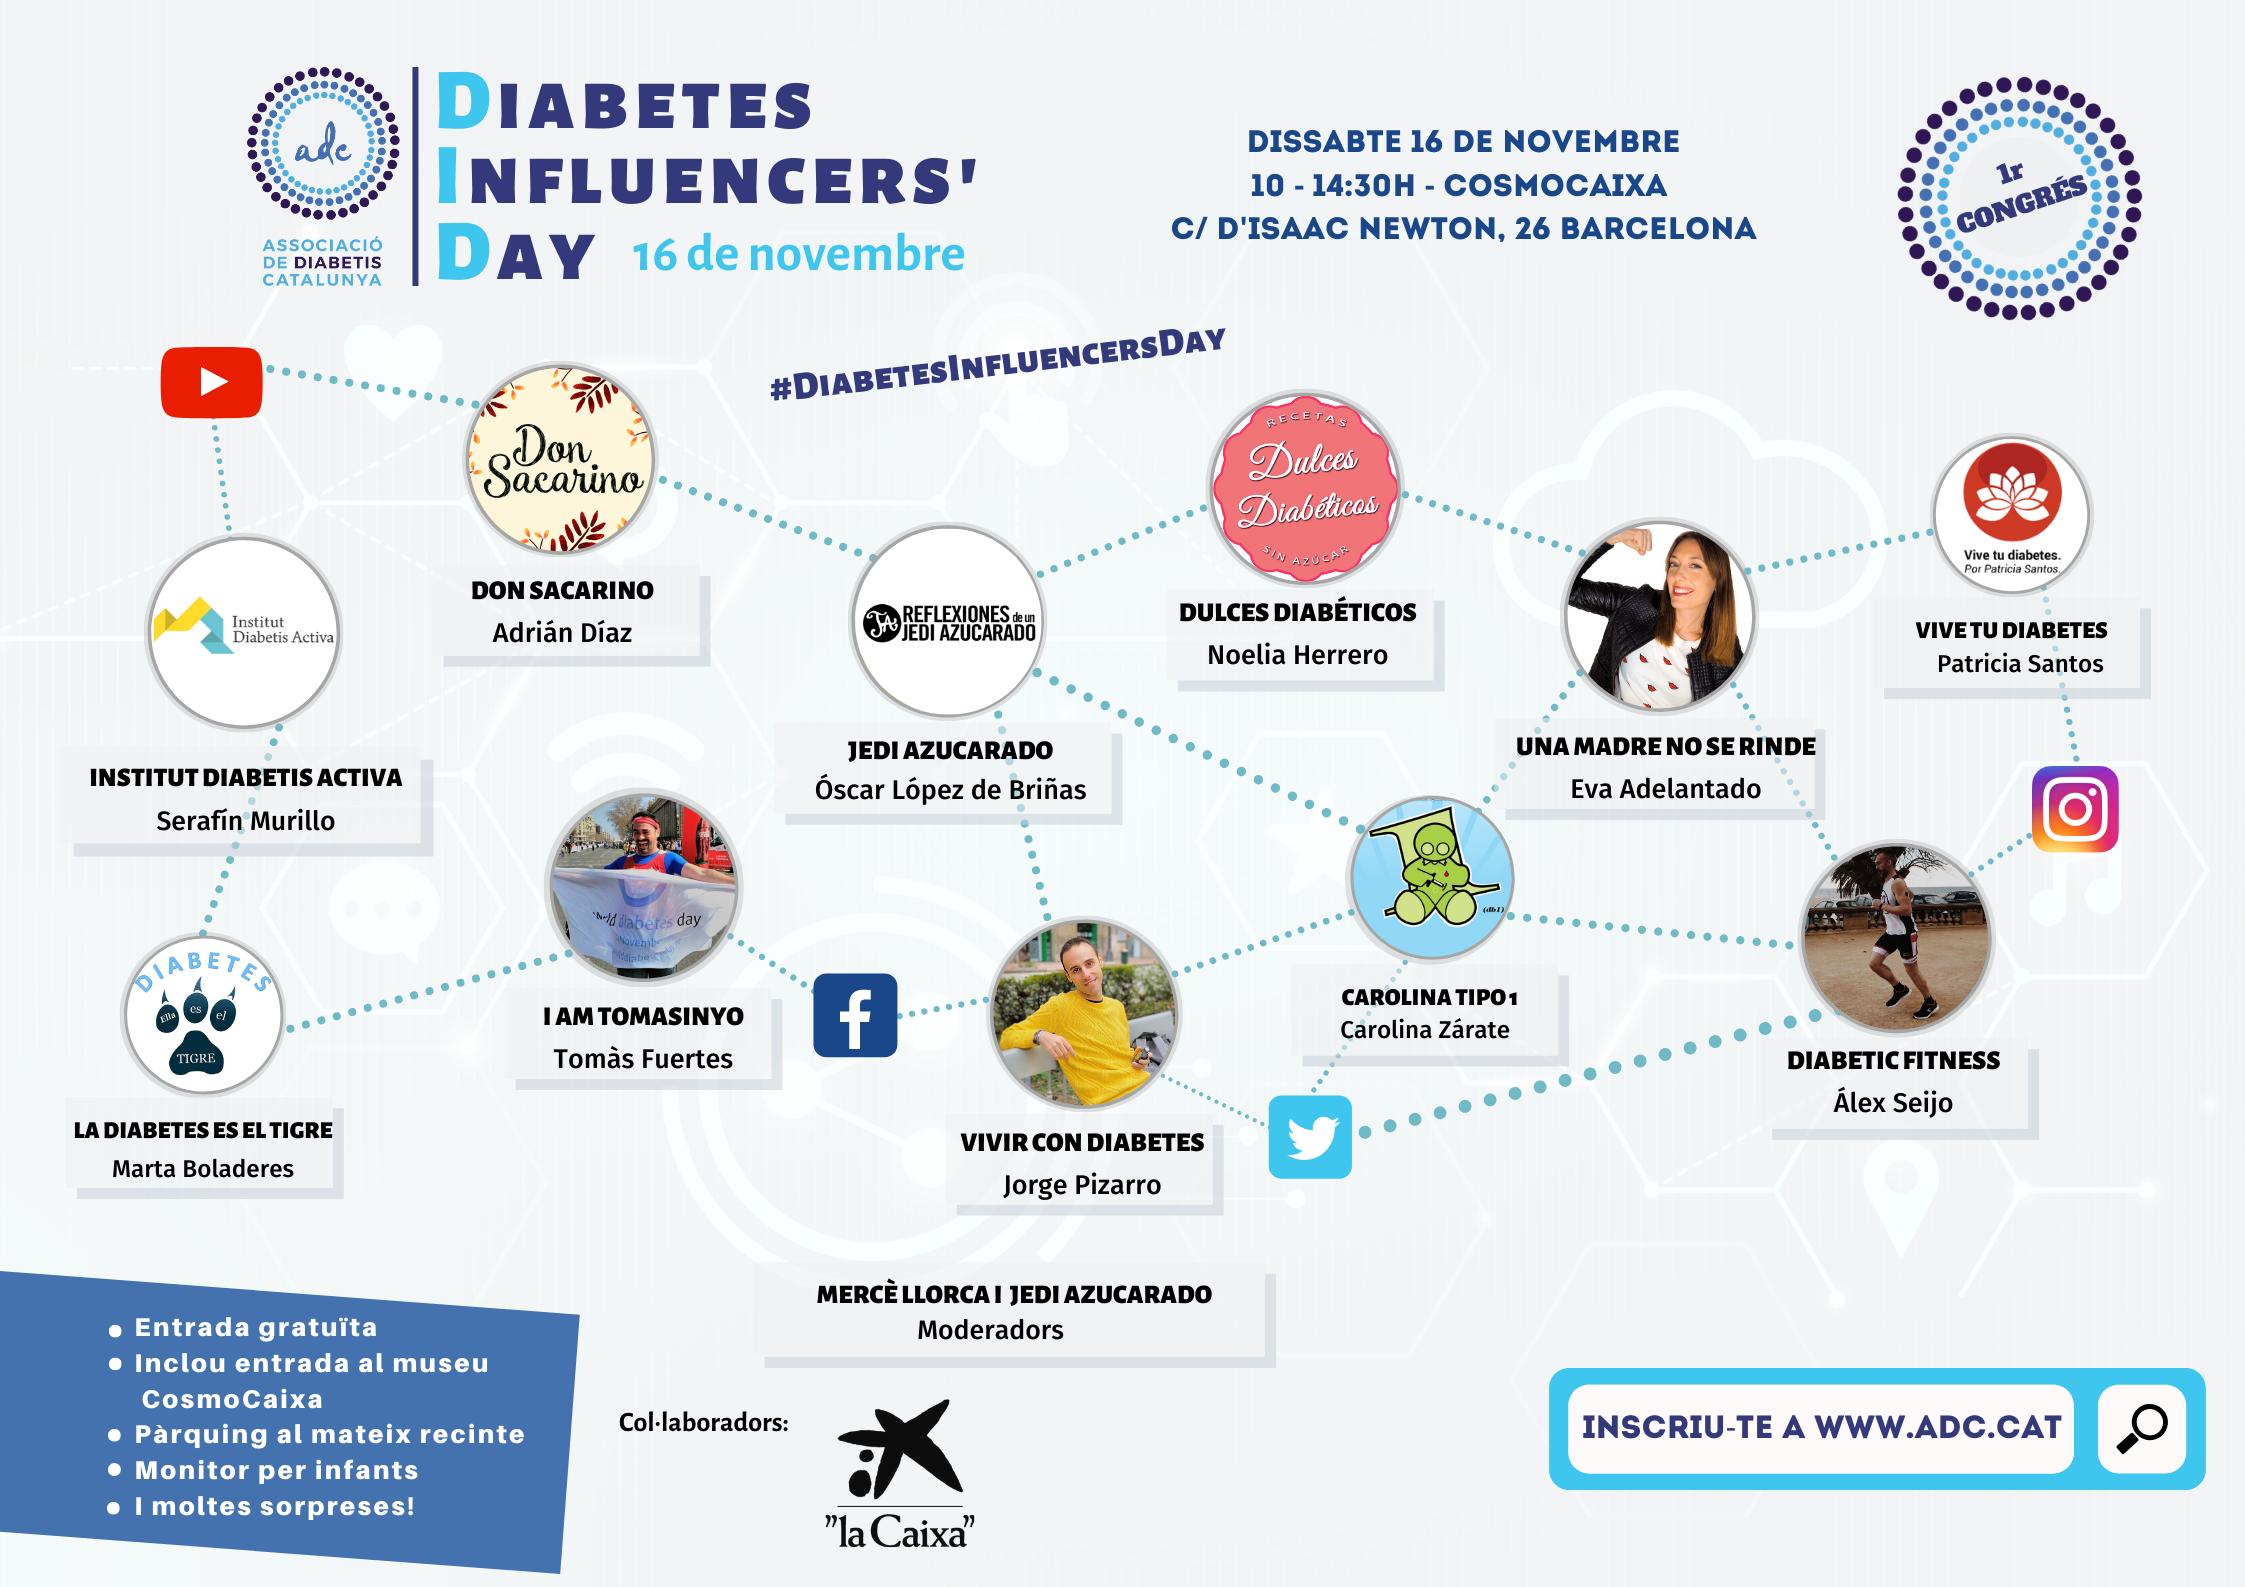 Diabetes Influencers' Day al CosmoCaixa organitzat per l'Associació de Daibetis de Catalunya.